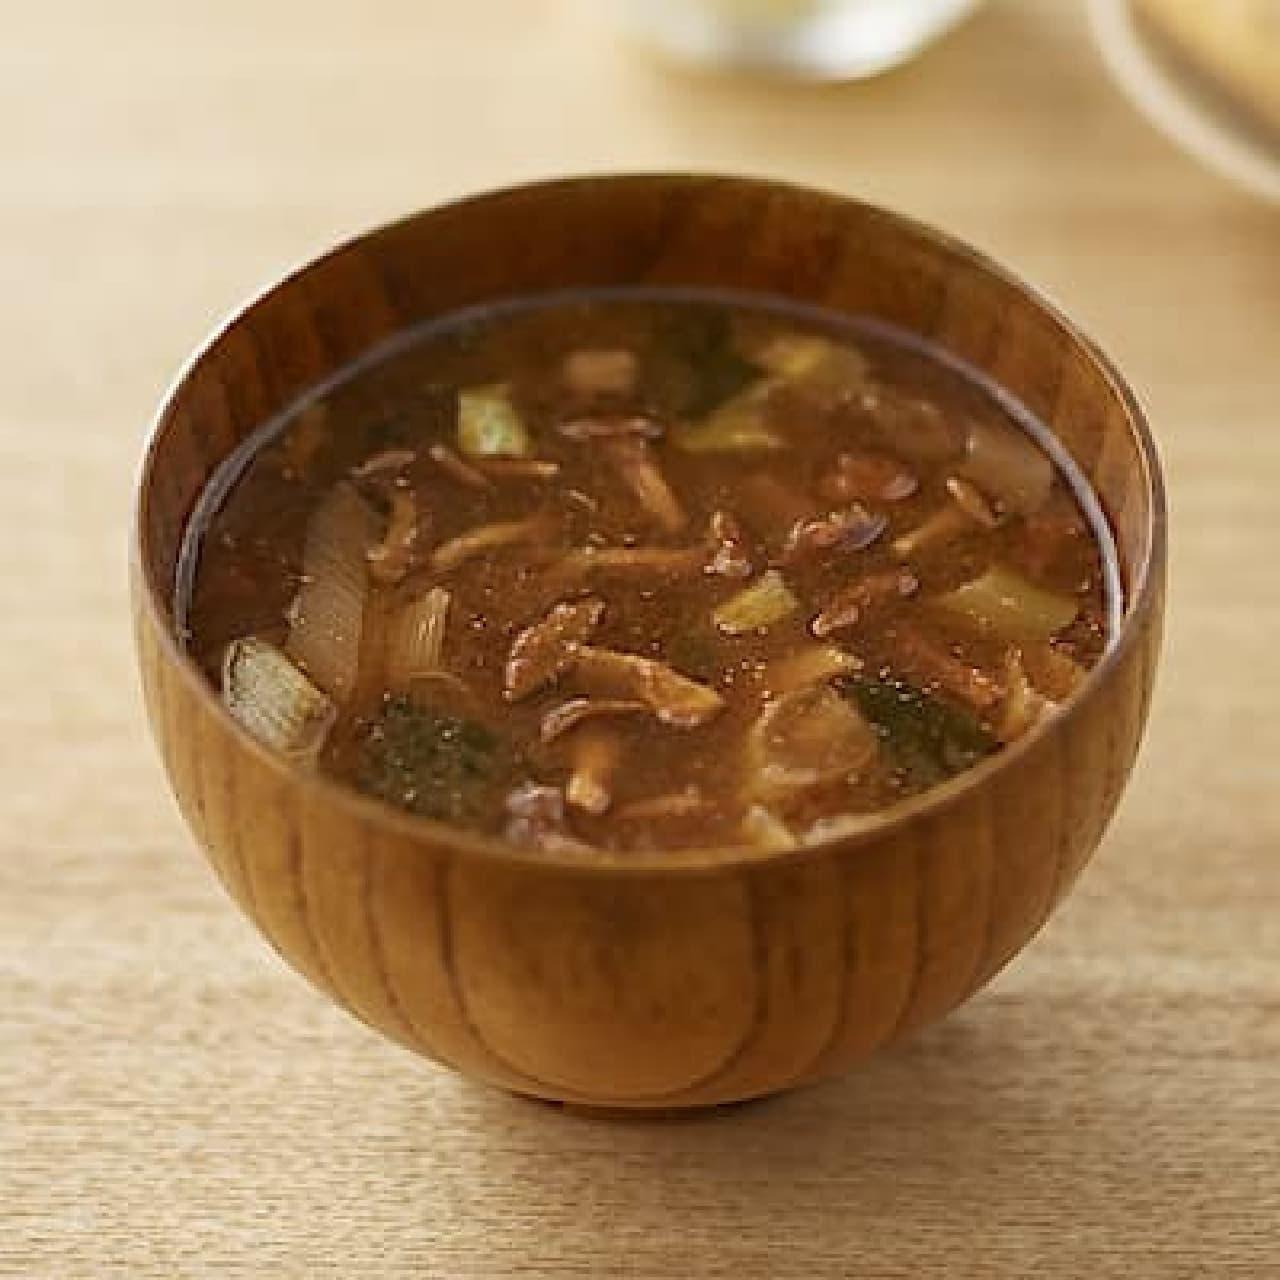 無印良品「食べるスープ なめこの赤だし」